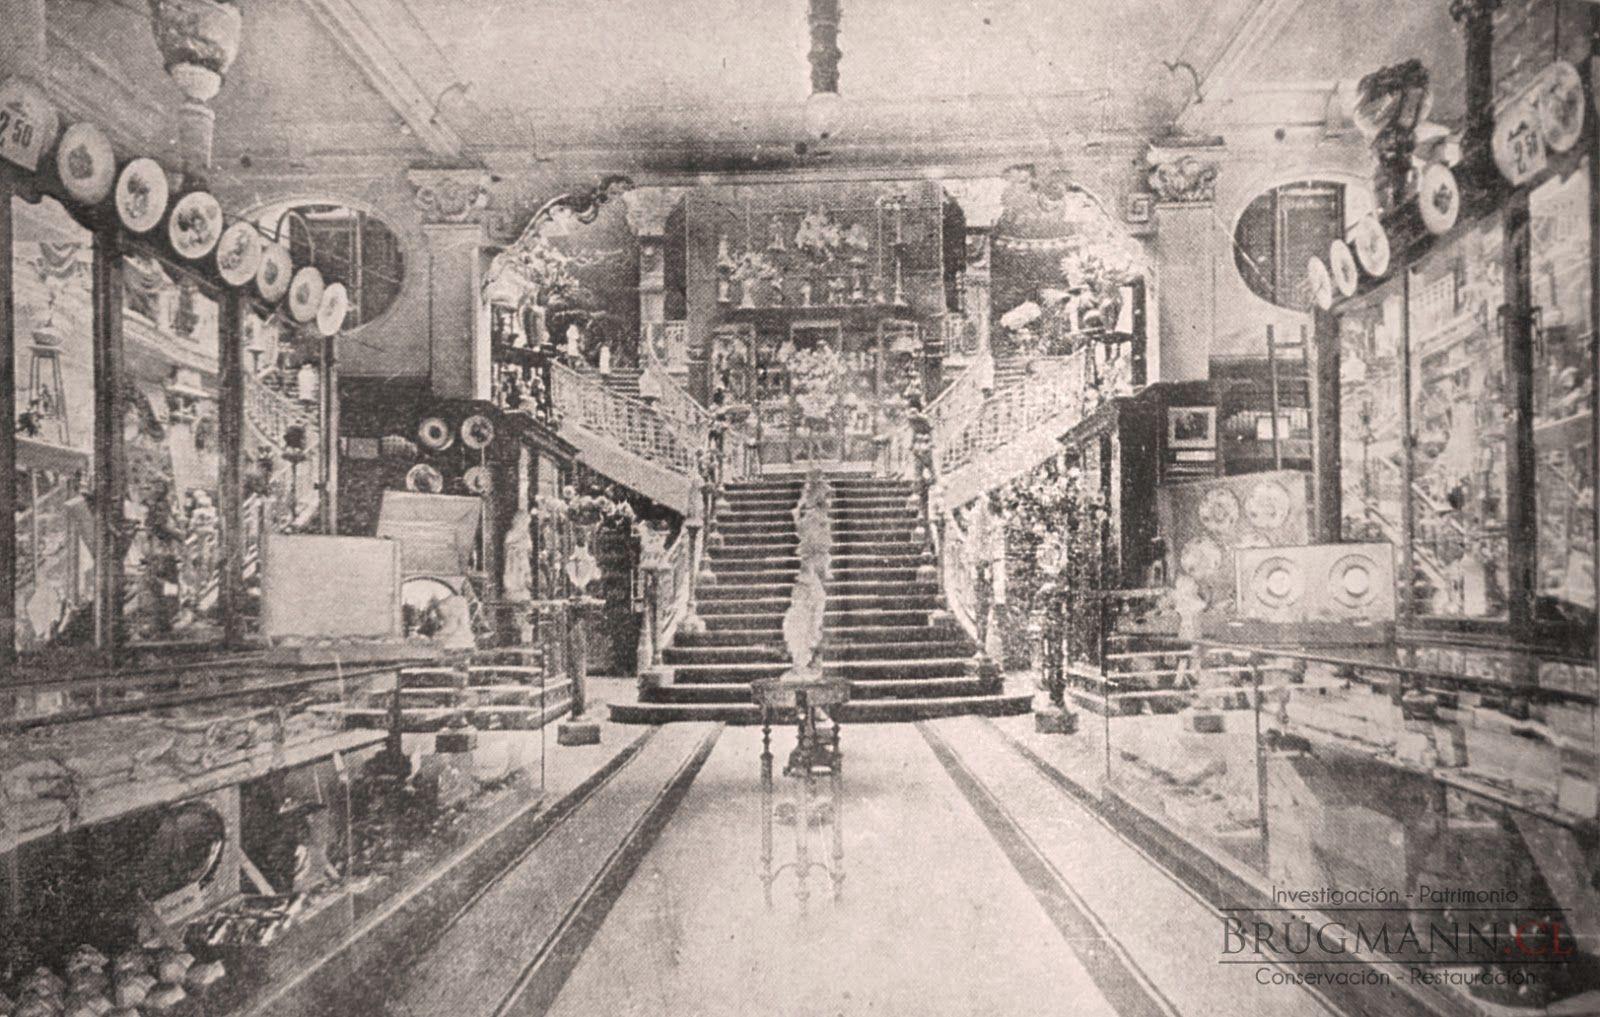 Escalera central de la tienda gath chaves de santiago - Escaleras para almacen ...